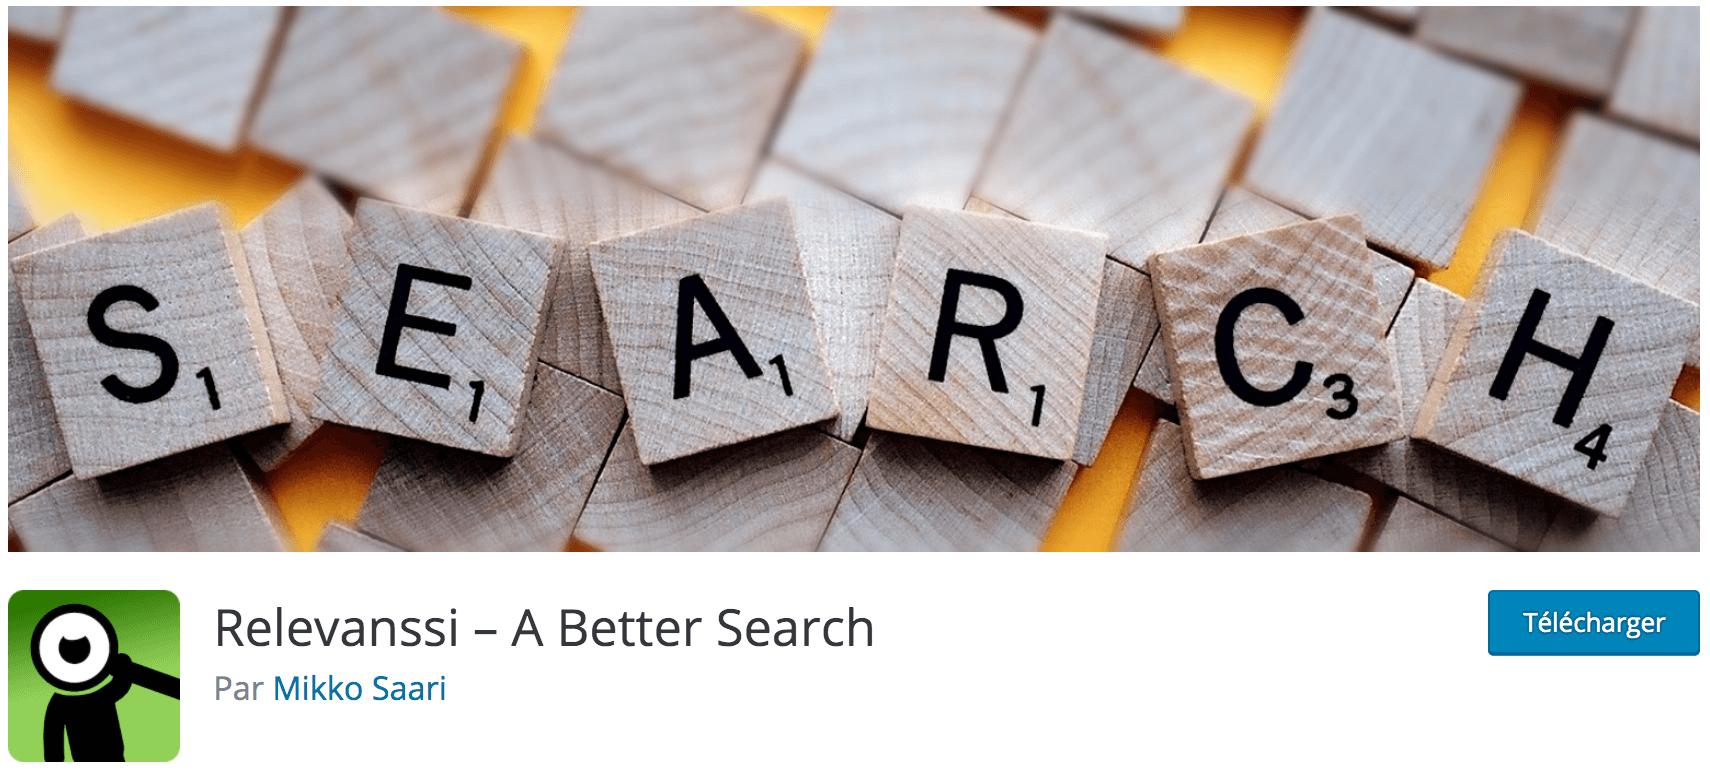 Notre avis sur Relevanssi meilleur plugin gratuit pour avoir un moteur de recherche WordPress plus avancés